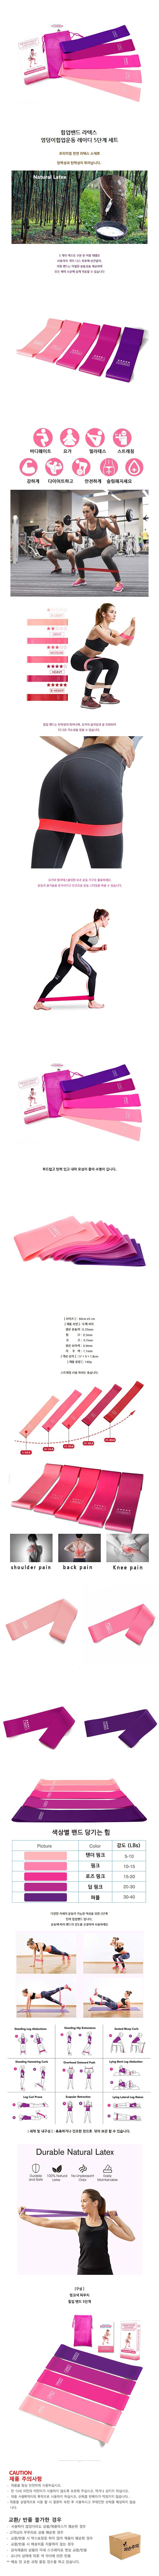 힙업밴드라텍스 여성 5단계세트 - 썸몰, 16,000원, 운동기구/소품, 운동소품